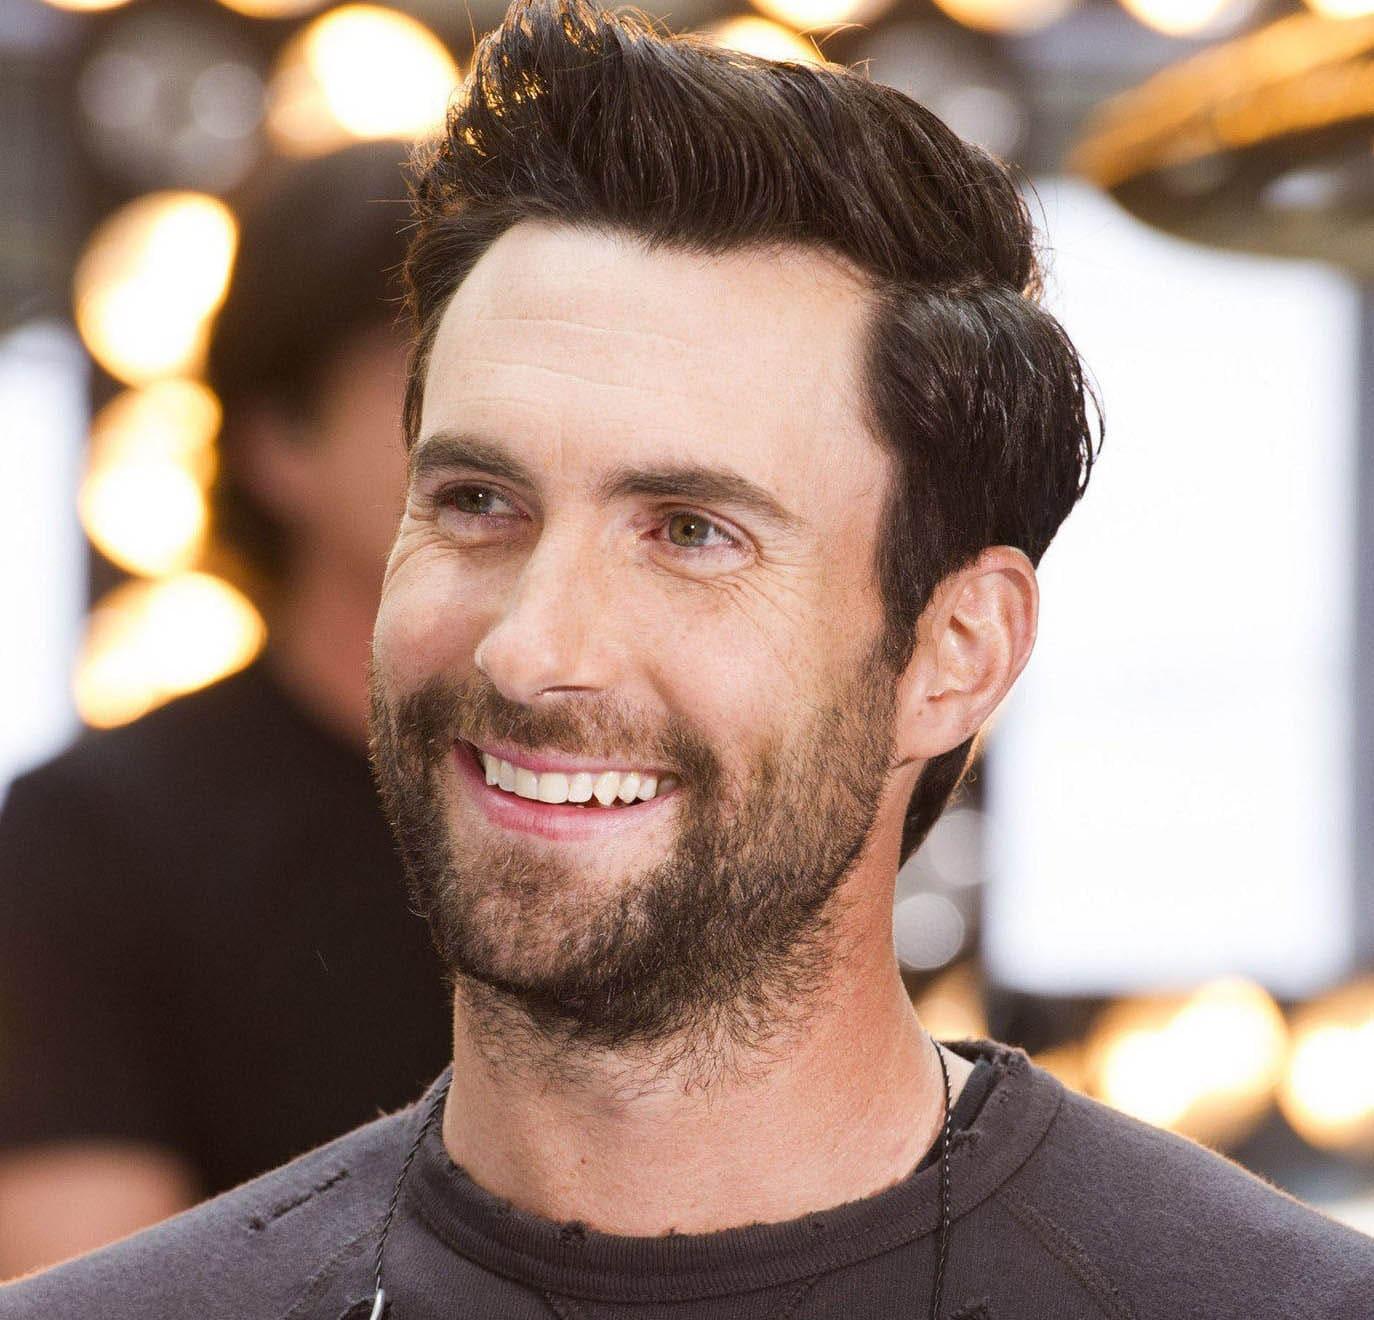 Adam Levine Haircut 2018